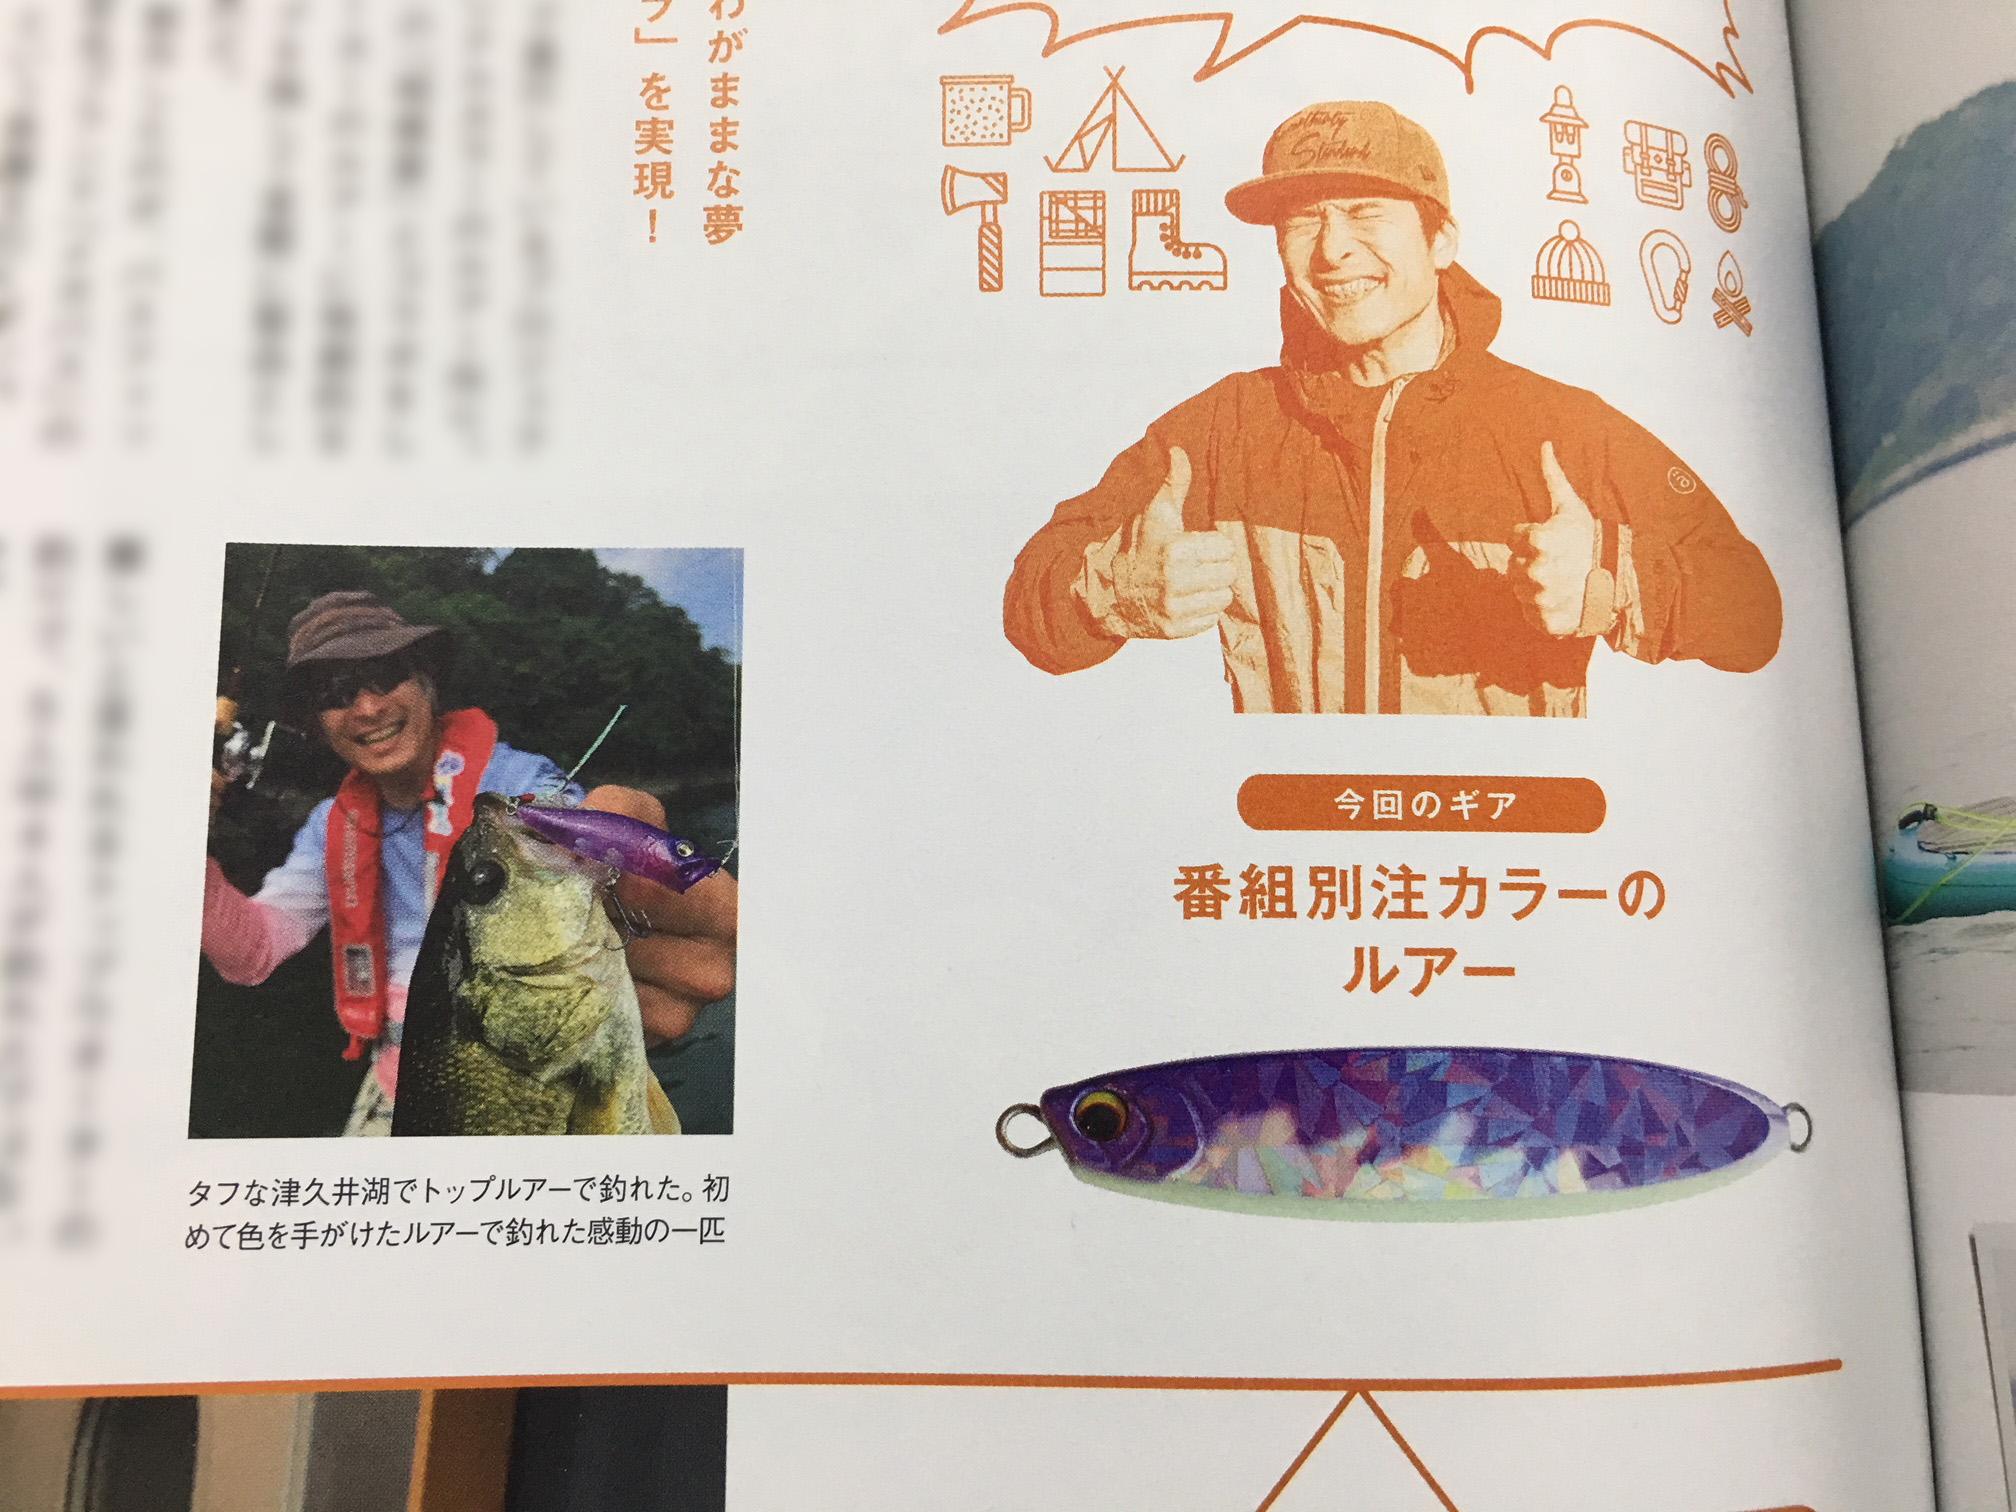 アウトドア雑誌『GARVY』にコラボルアーが掲載!!